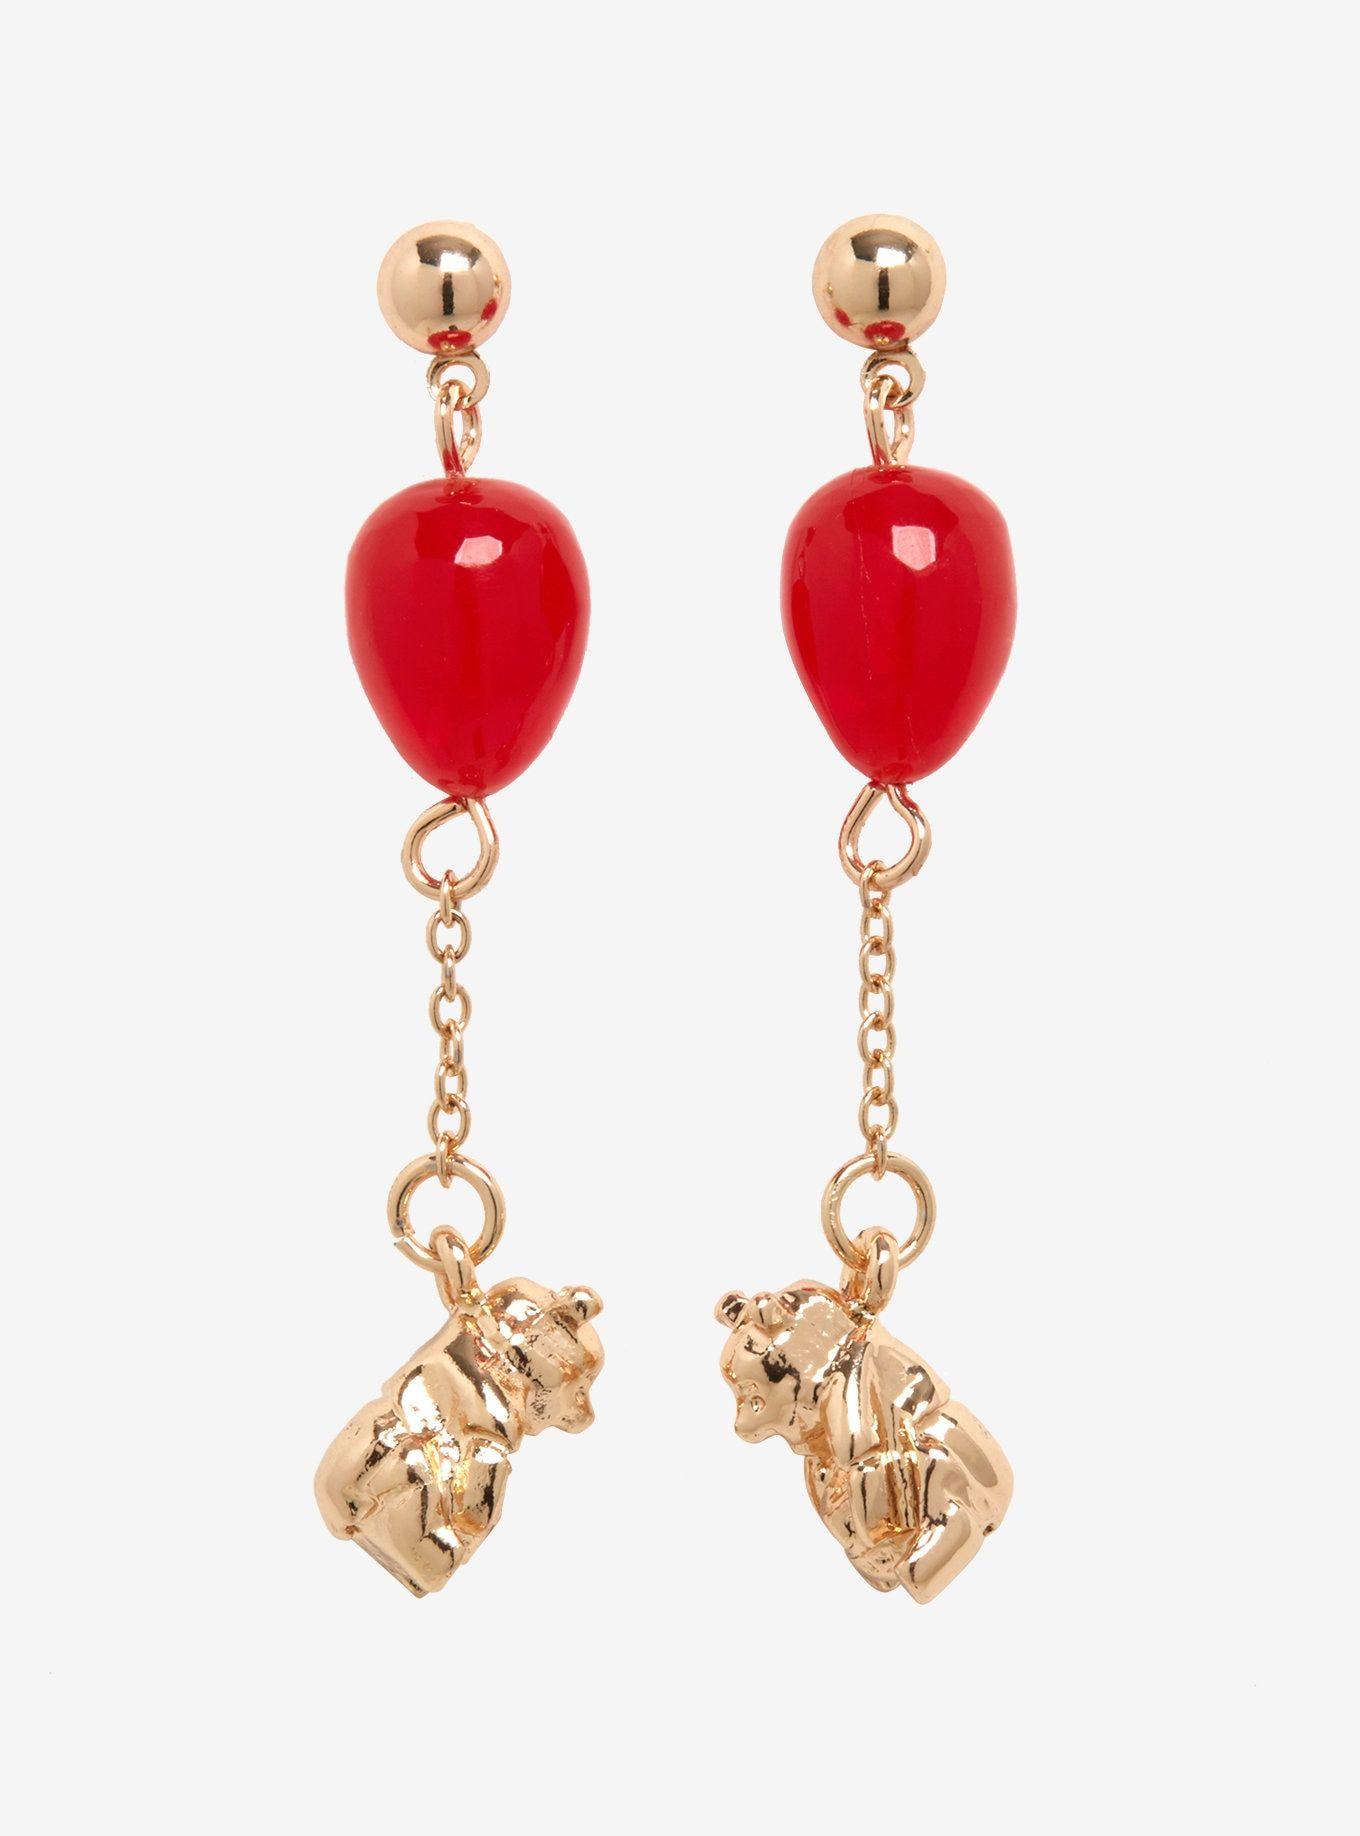 d65a756b0333f Disney Winnie The Pooh Balloon Resin Earrings in 2019   Earrings ...